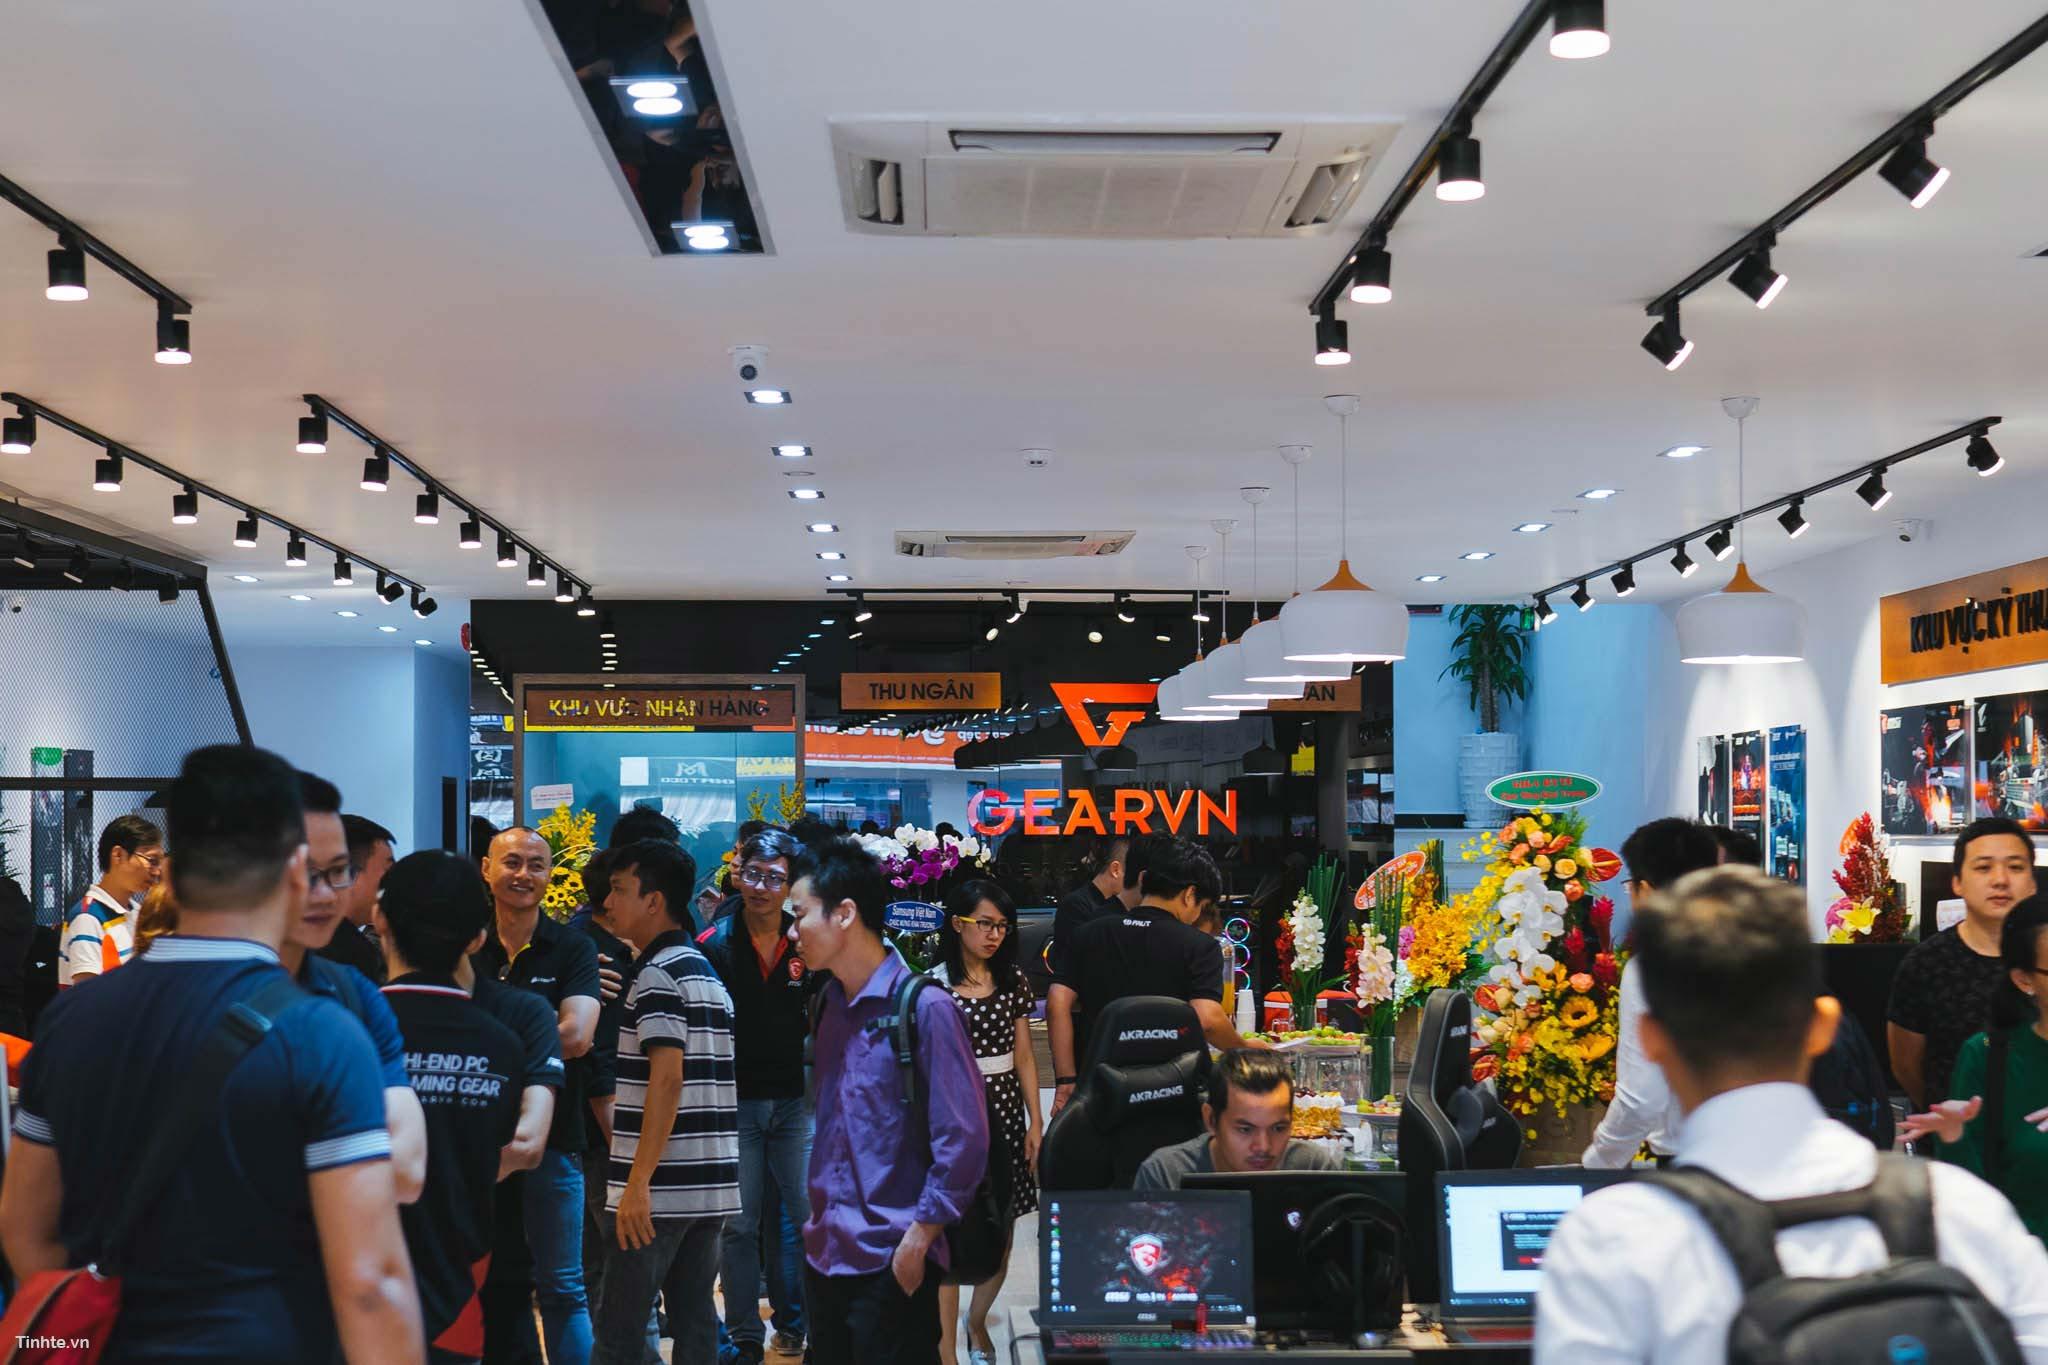 GearVN-23.jpg